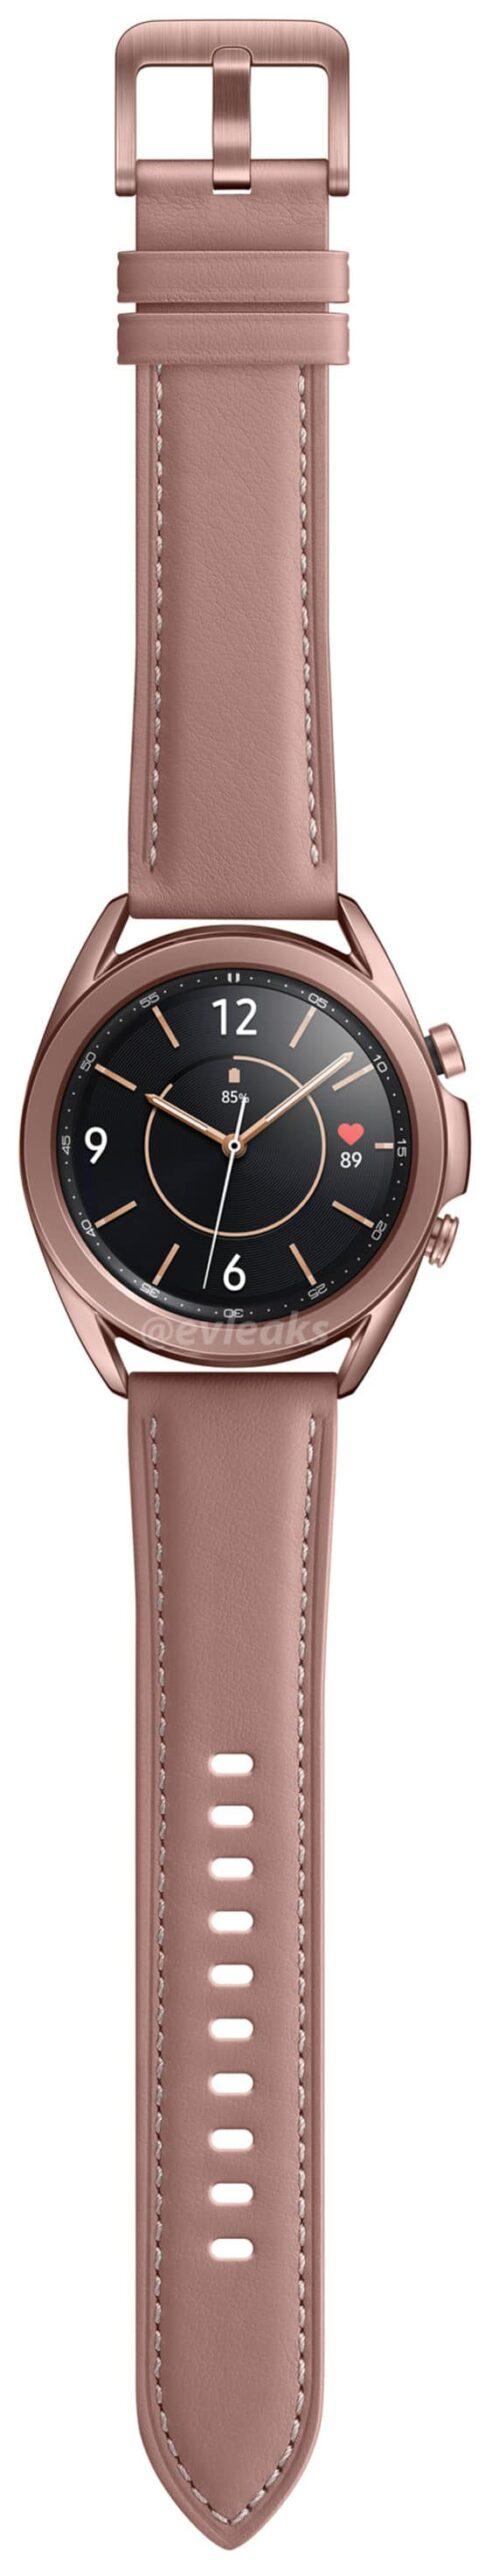 Le immagini stampa svelano Samsung Galaxy Watch 3 in tutta la sua gloria 1